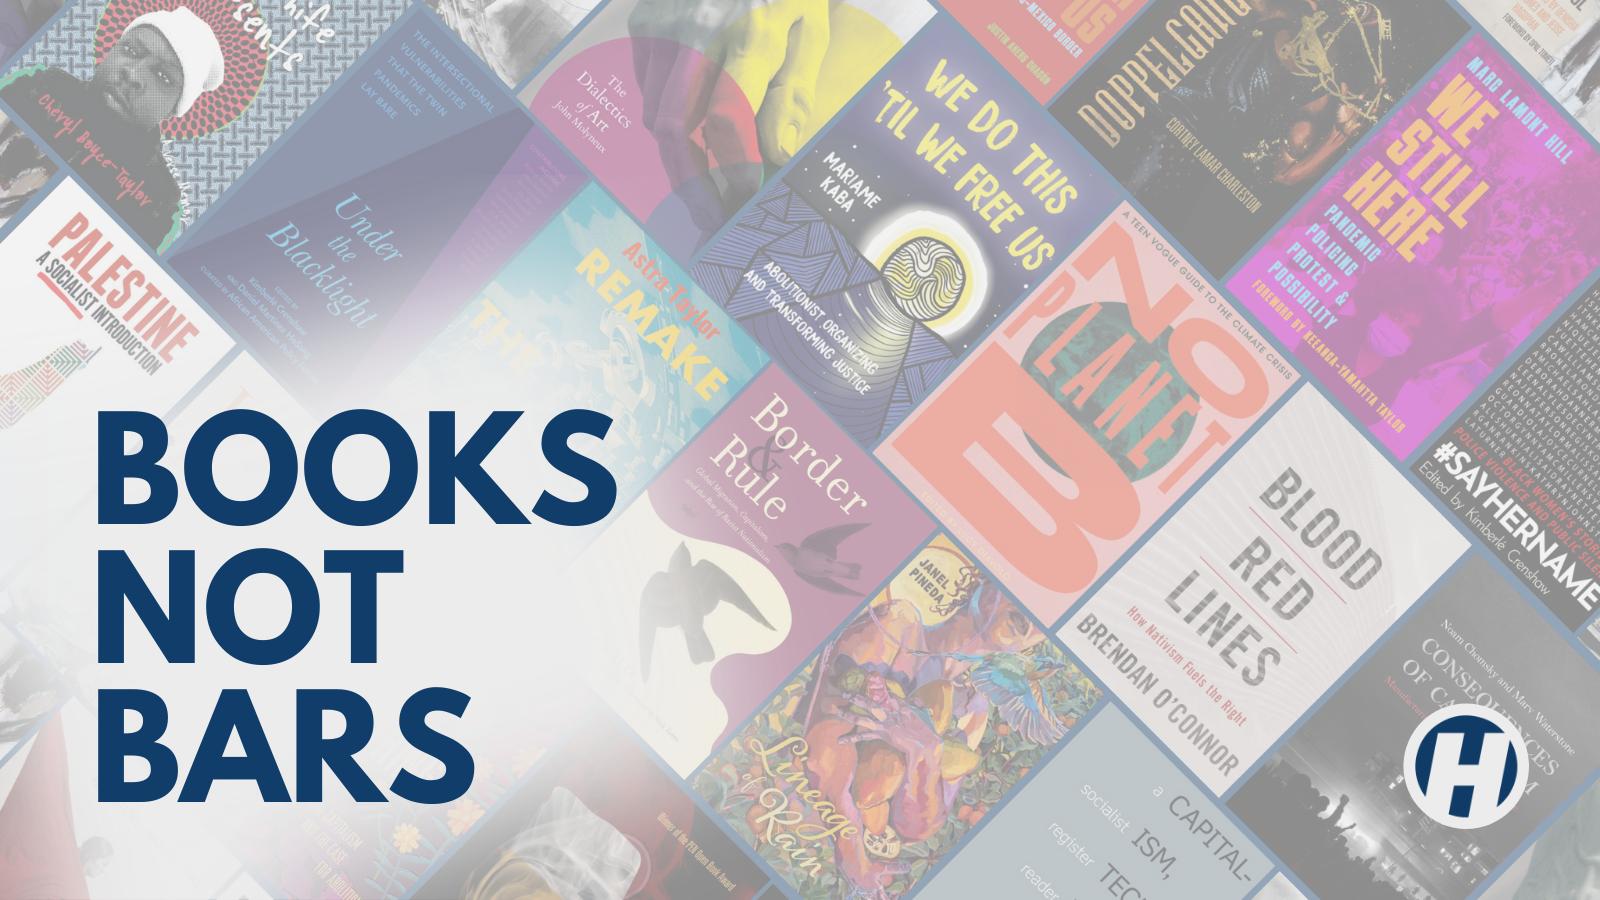 Booksnotbars_v.1-